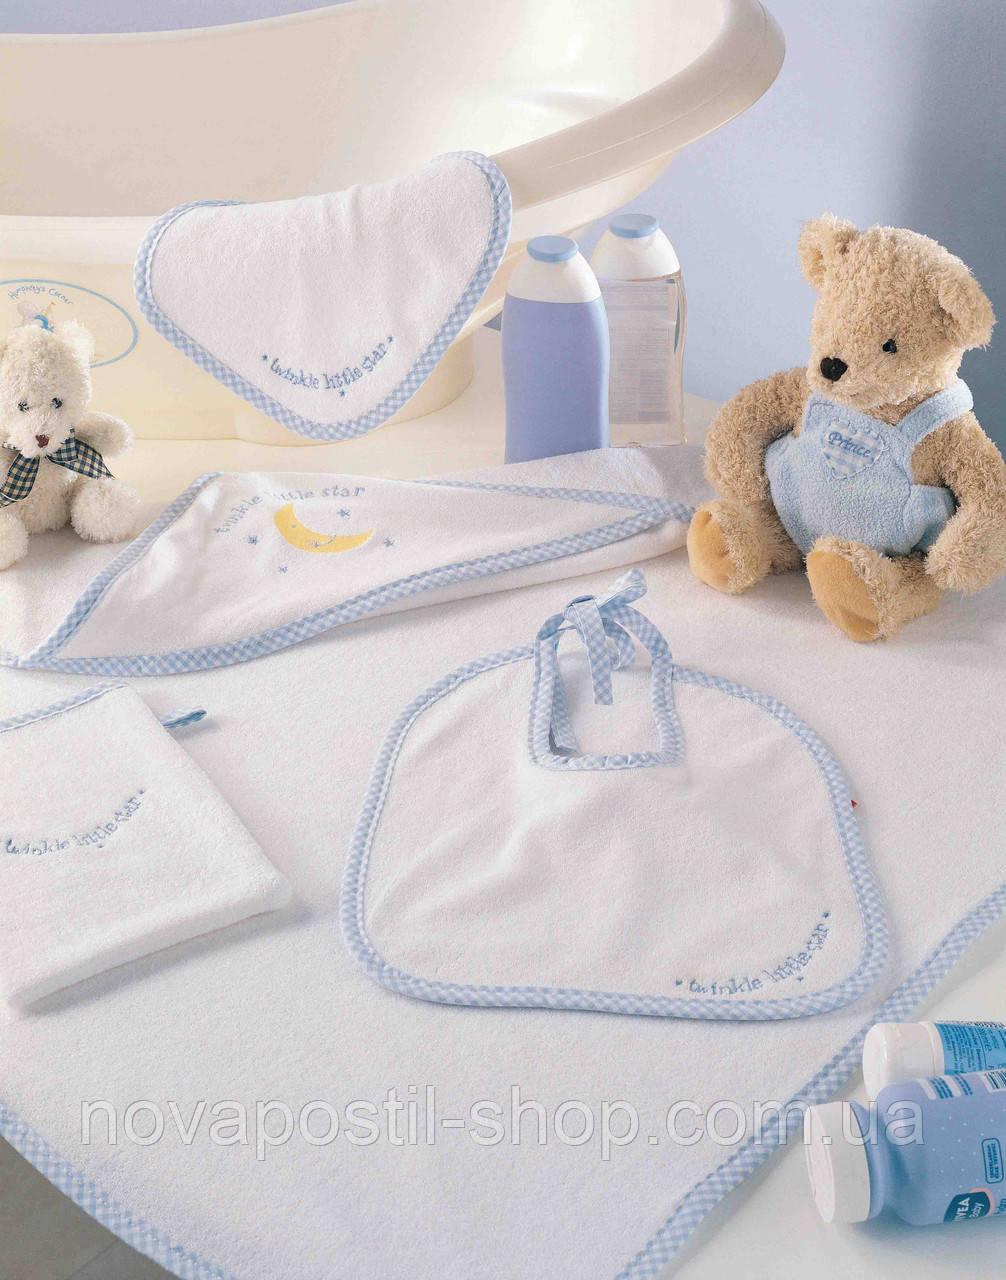 Набор для купания детский TAC Twinkle